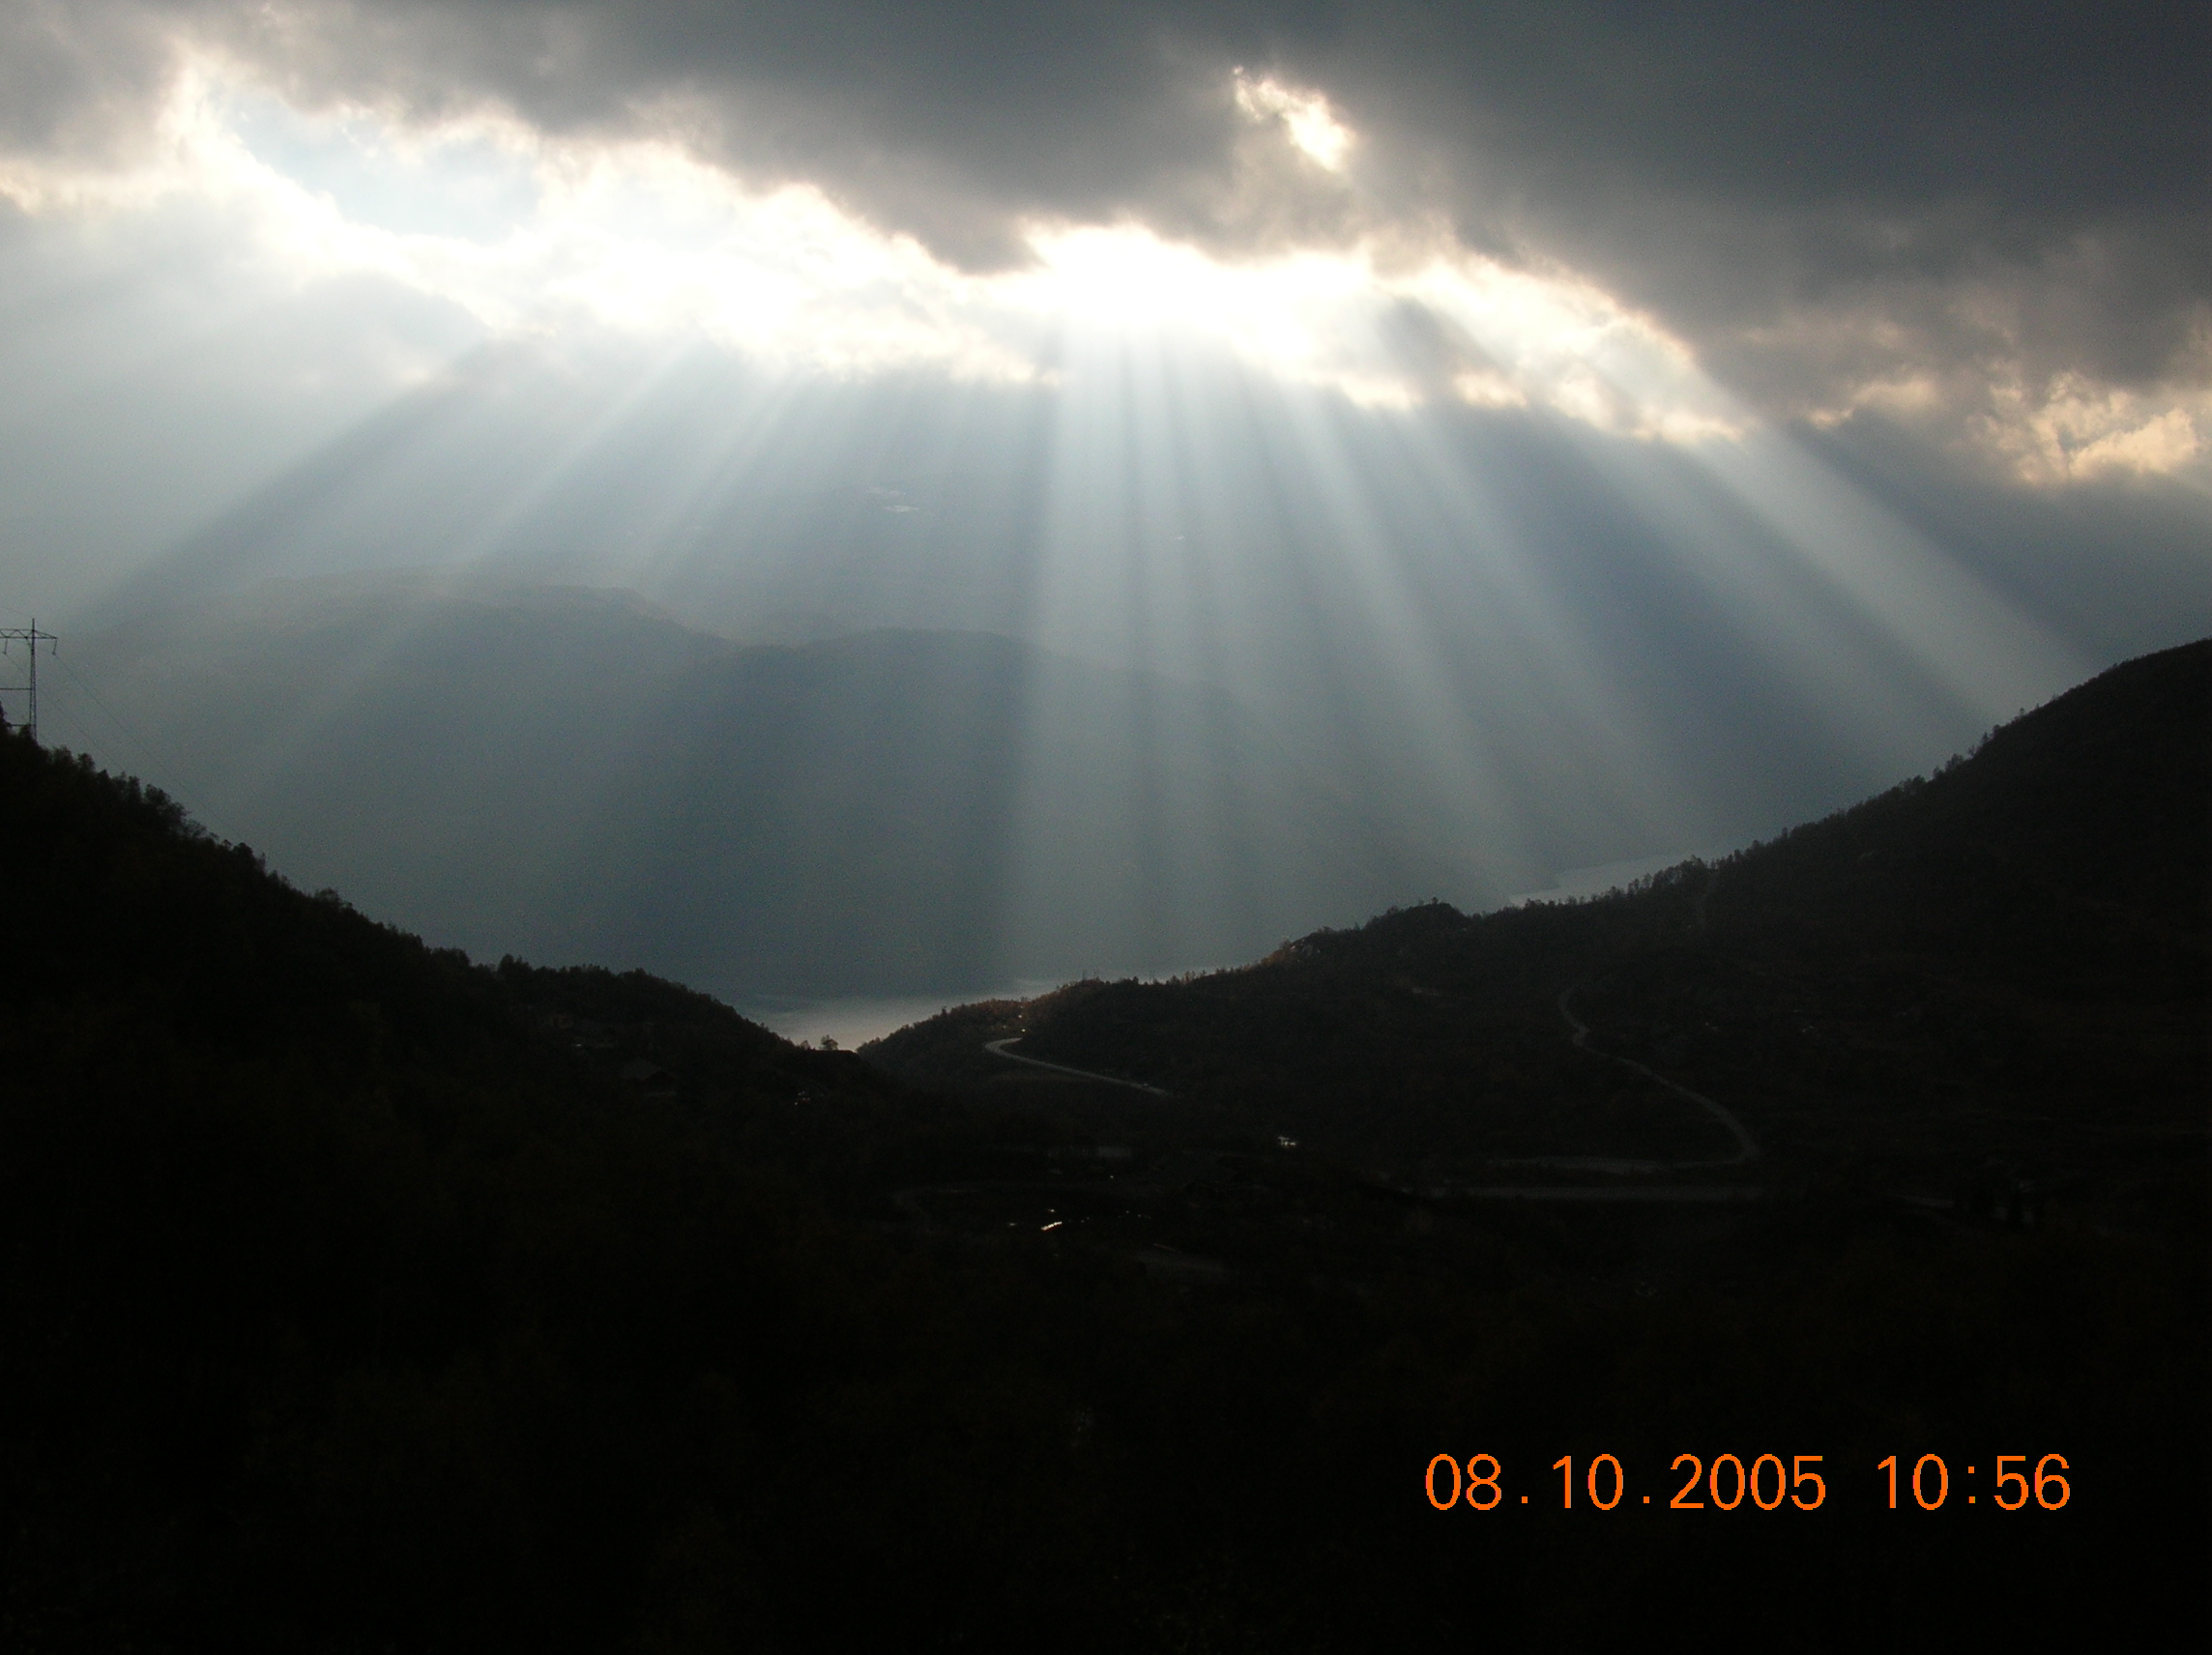 Lightshow photo